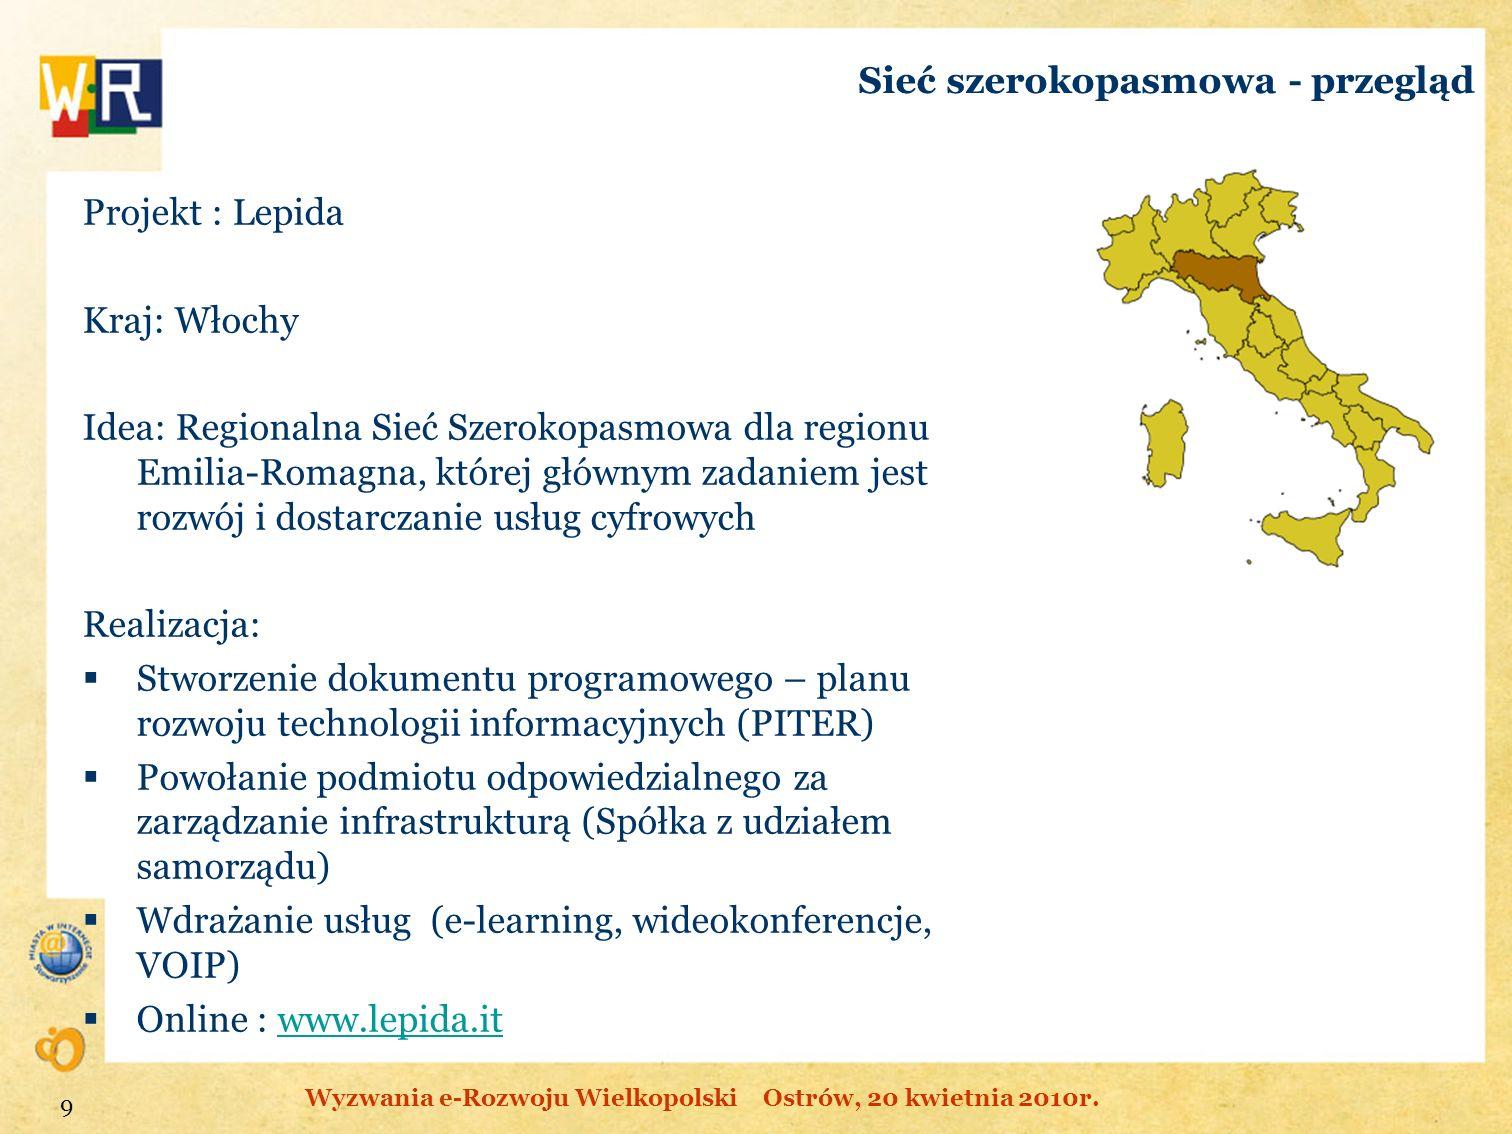 Dobre praktyki - przegląd Serwisy warte polecenia: 1.www.epractice.euwww.epractice.eu 2.www.erisa.bewww.erisa.be 3.www.broadband-europe.euwww.broadband-europe.eu 4.www.e-inclusionawards.euwww.e-inclusionawards.eu 5.http://ec.europa.eu/information_society/index_en.htmhttp://ec.europa.eu/information_society/index_en.htm 6.www.spoleczenstwoinformacyjne.plwww.spoleczenstwoinformacyjne.pl 10 Wyzwania e-Rozwoju Wielkopolski Ostrów, 20 kwietnia 2010r.